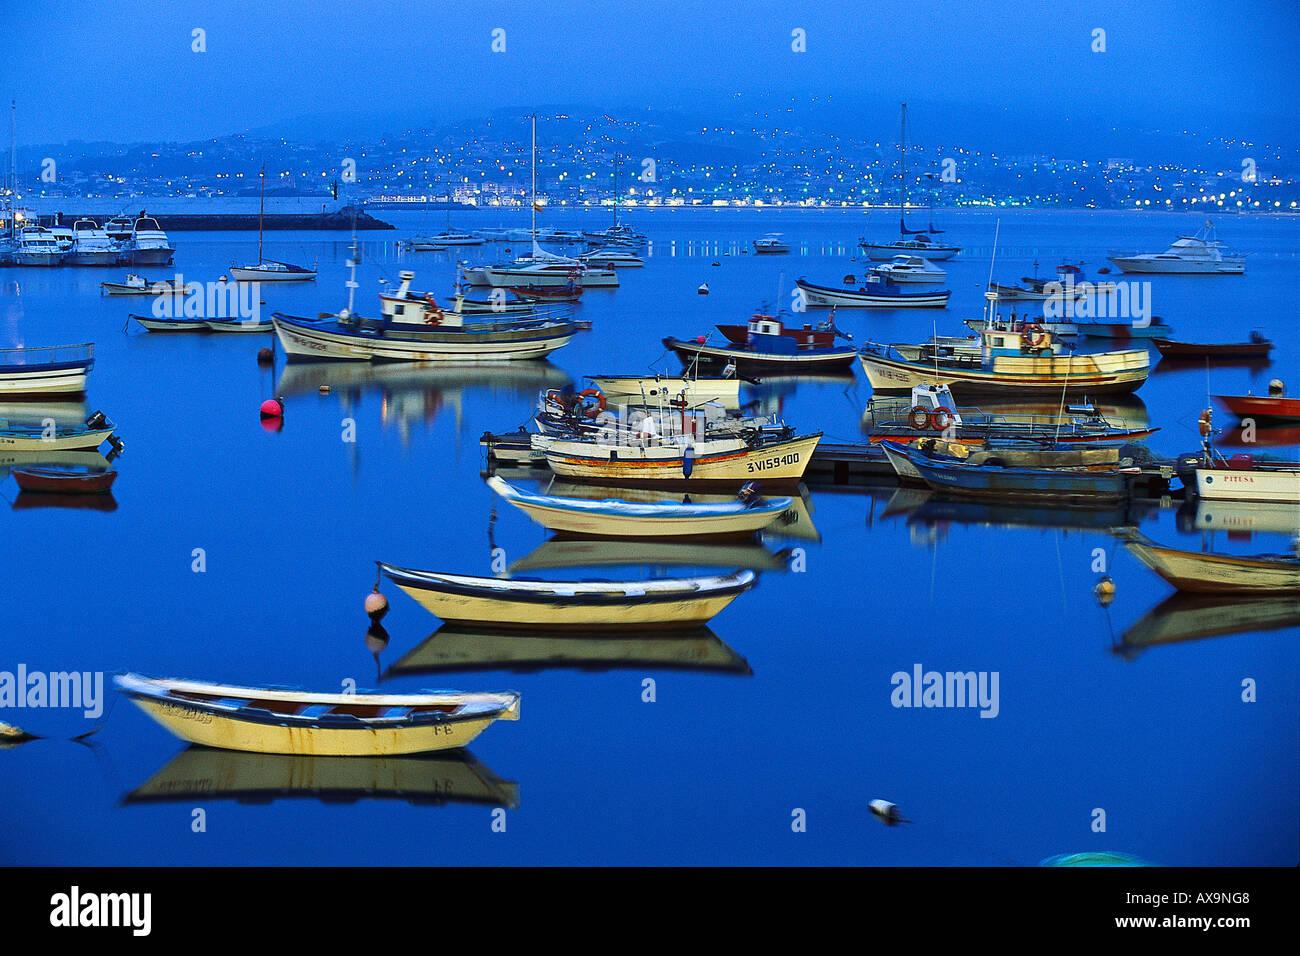 Angelboote/Fischerboote im Hafen bei Nacht, Ria de Baiona, Pontevedra, Galicien, SpanienStockfoto